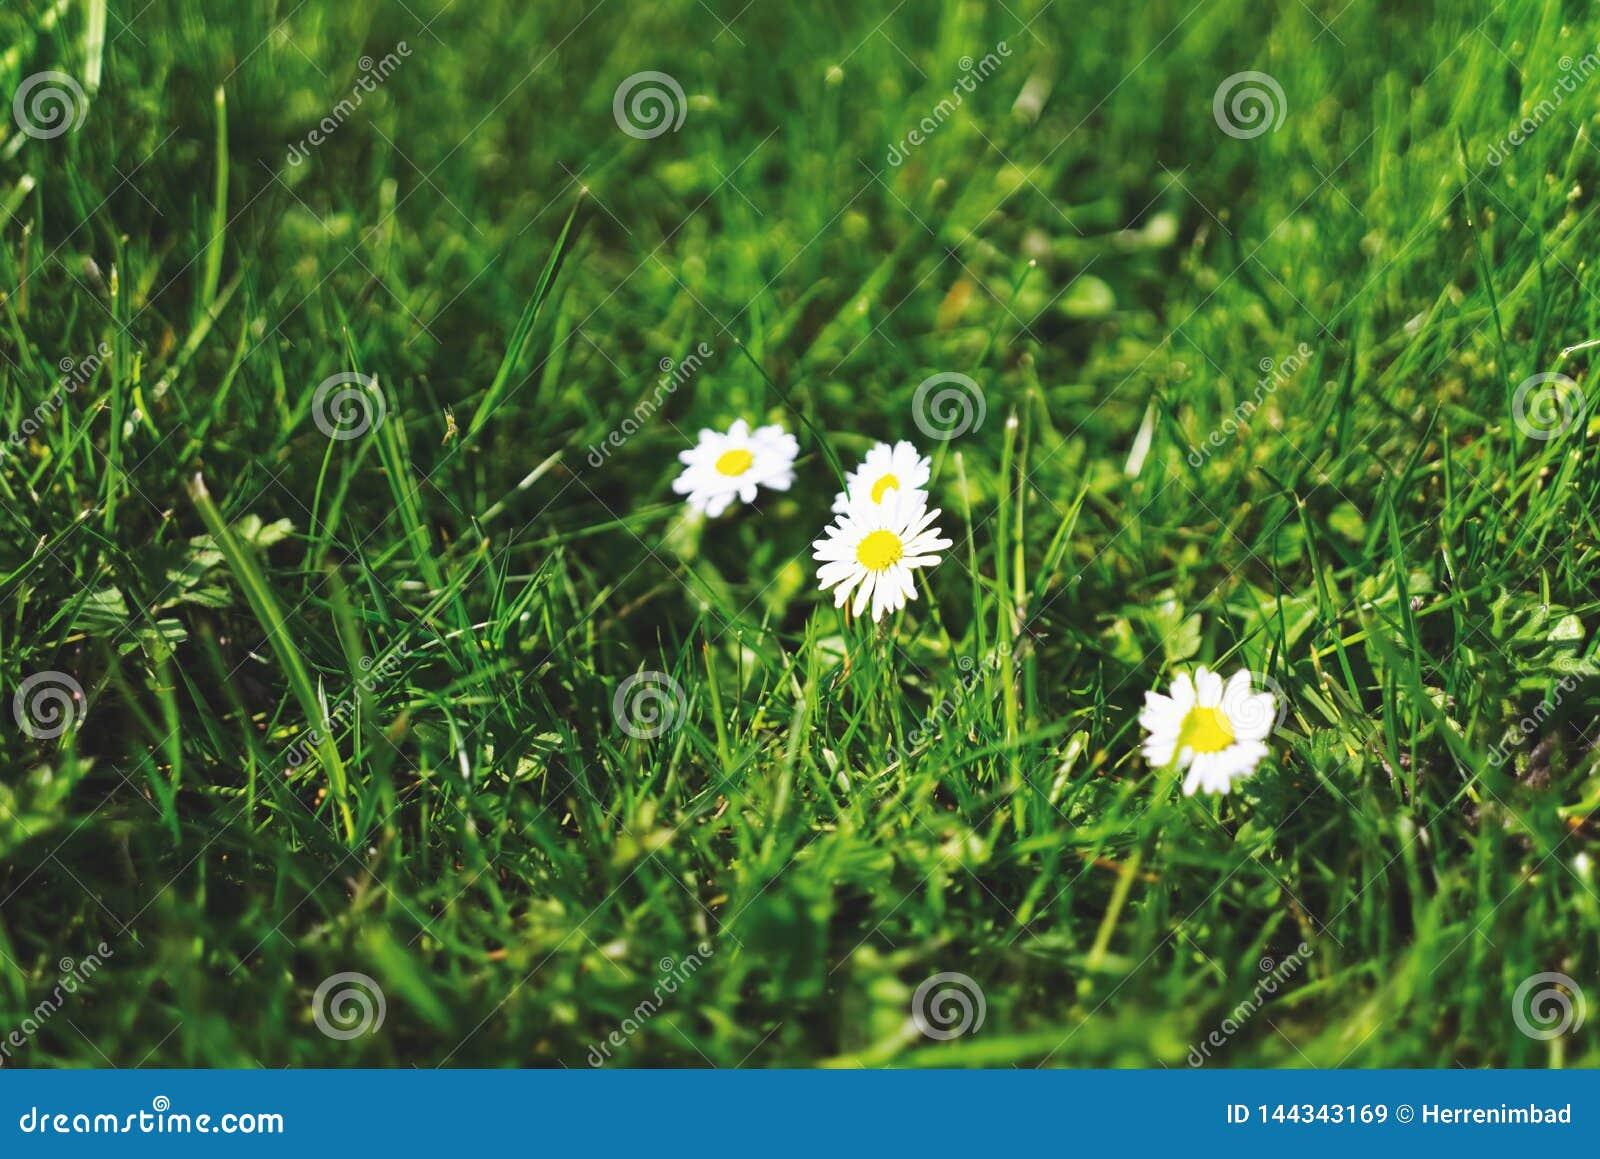 Daisy op Groen Gras